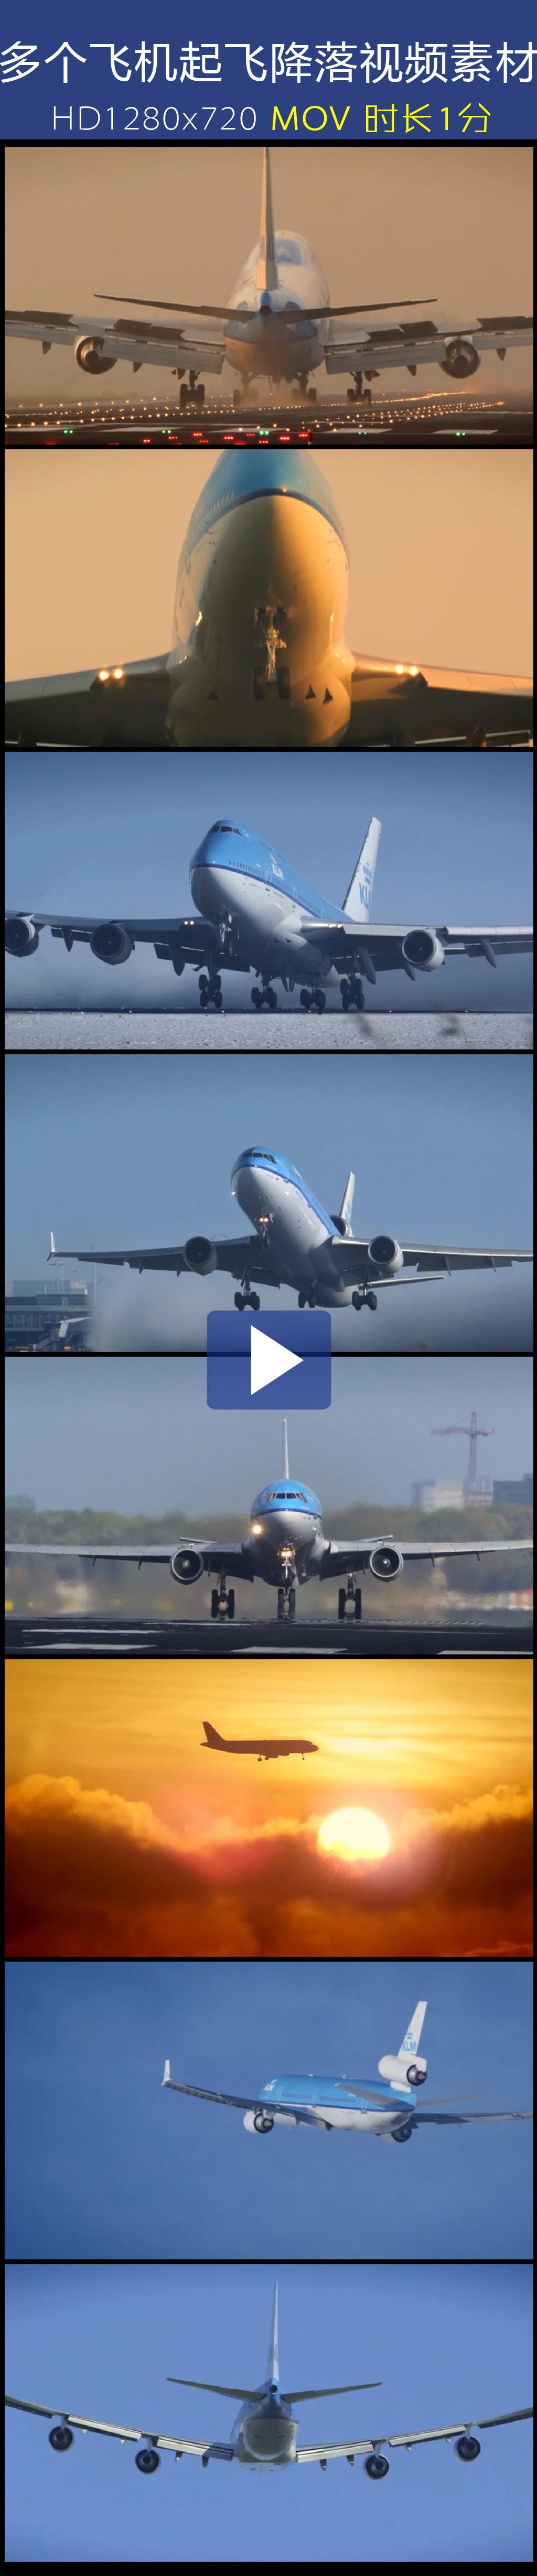 多个飞机起飞降落视频素材